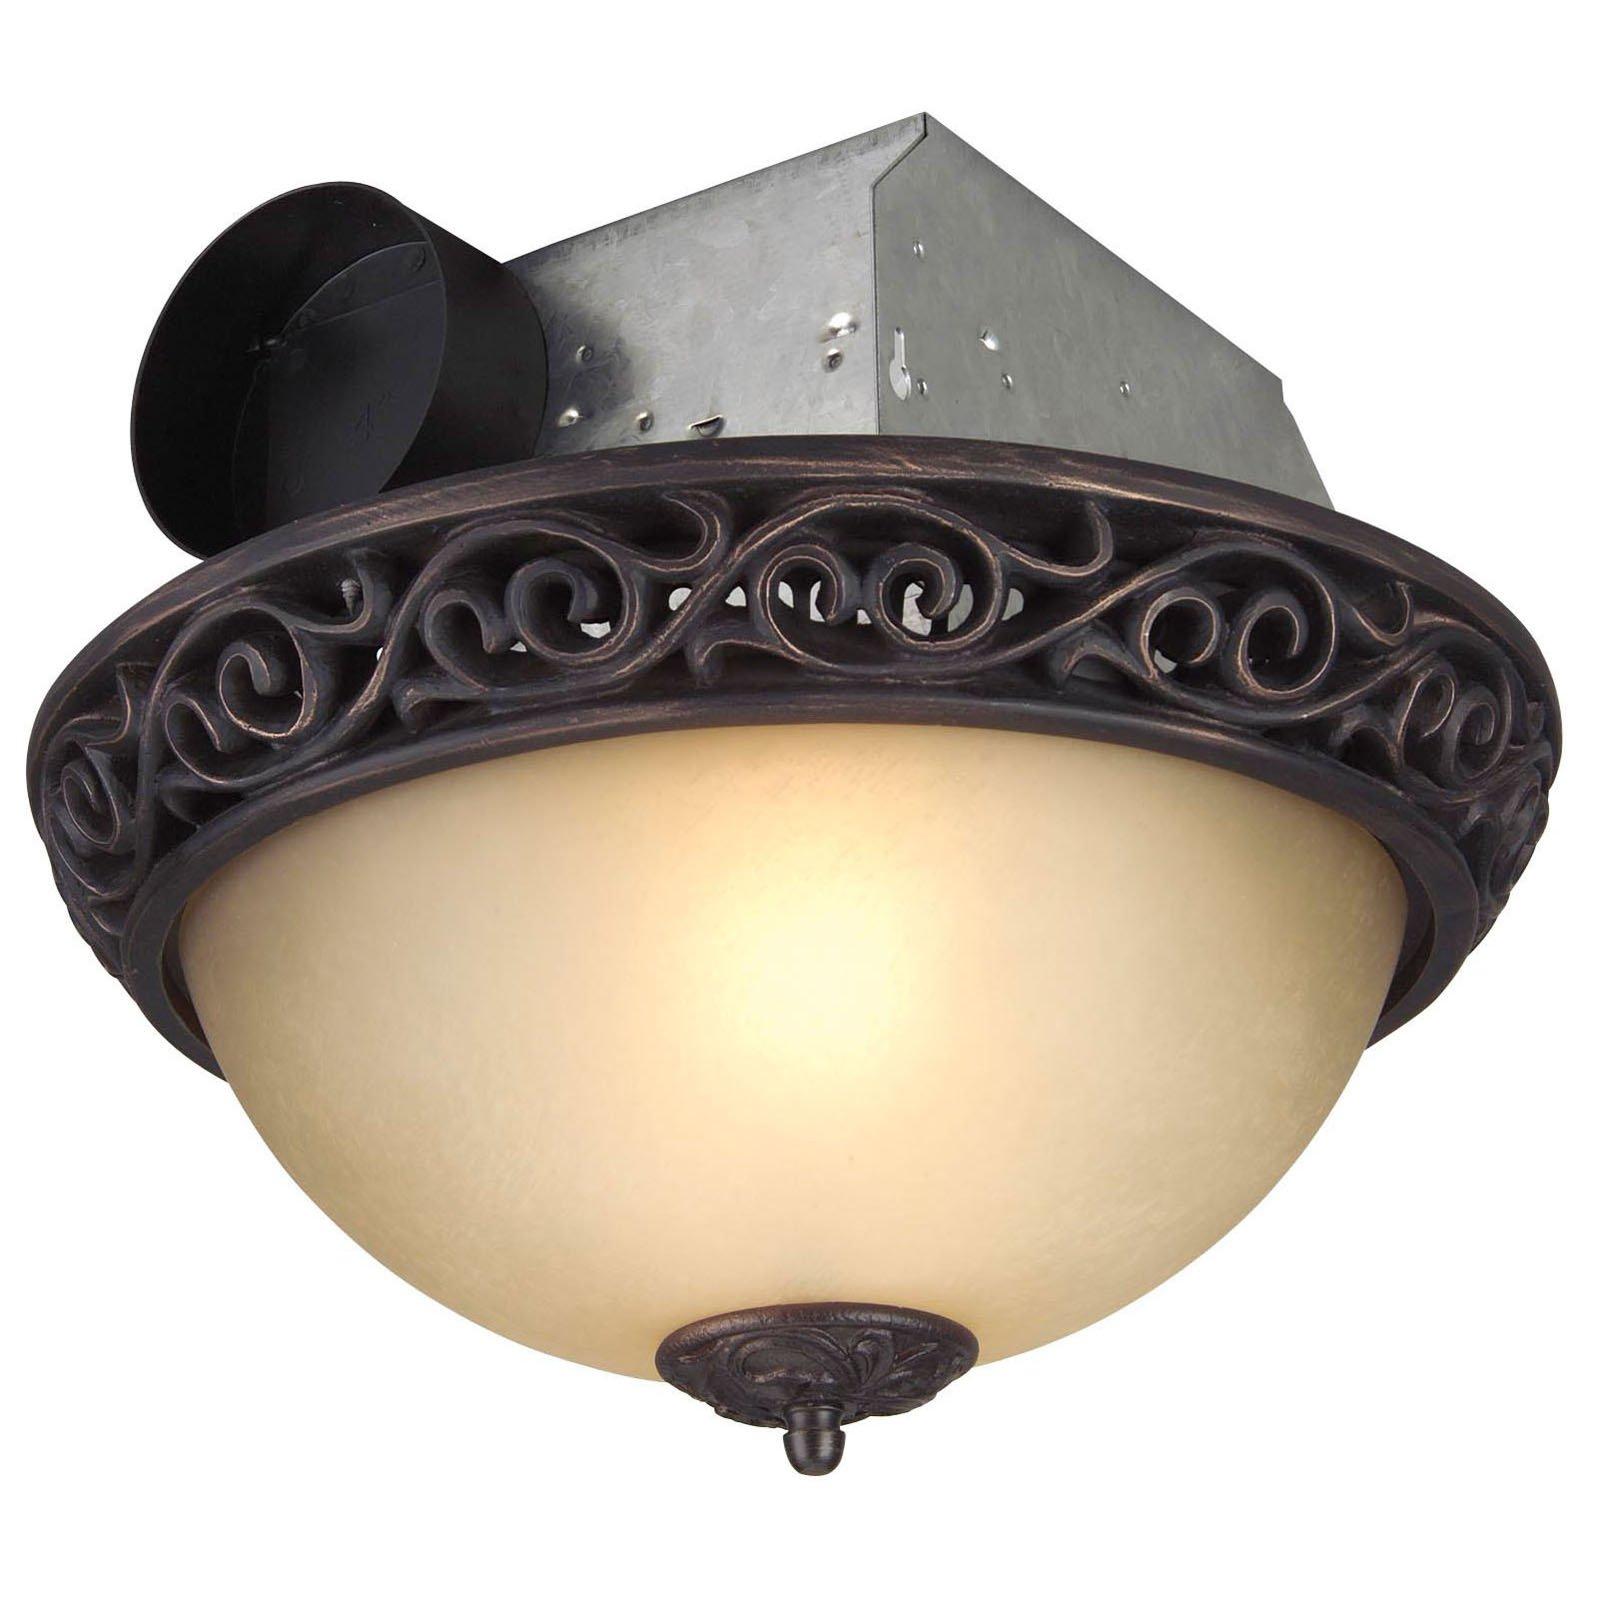 Bath Ceiling Fan: bath ceiling fans photo - 7,Lighting